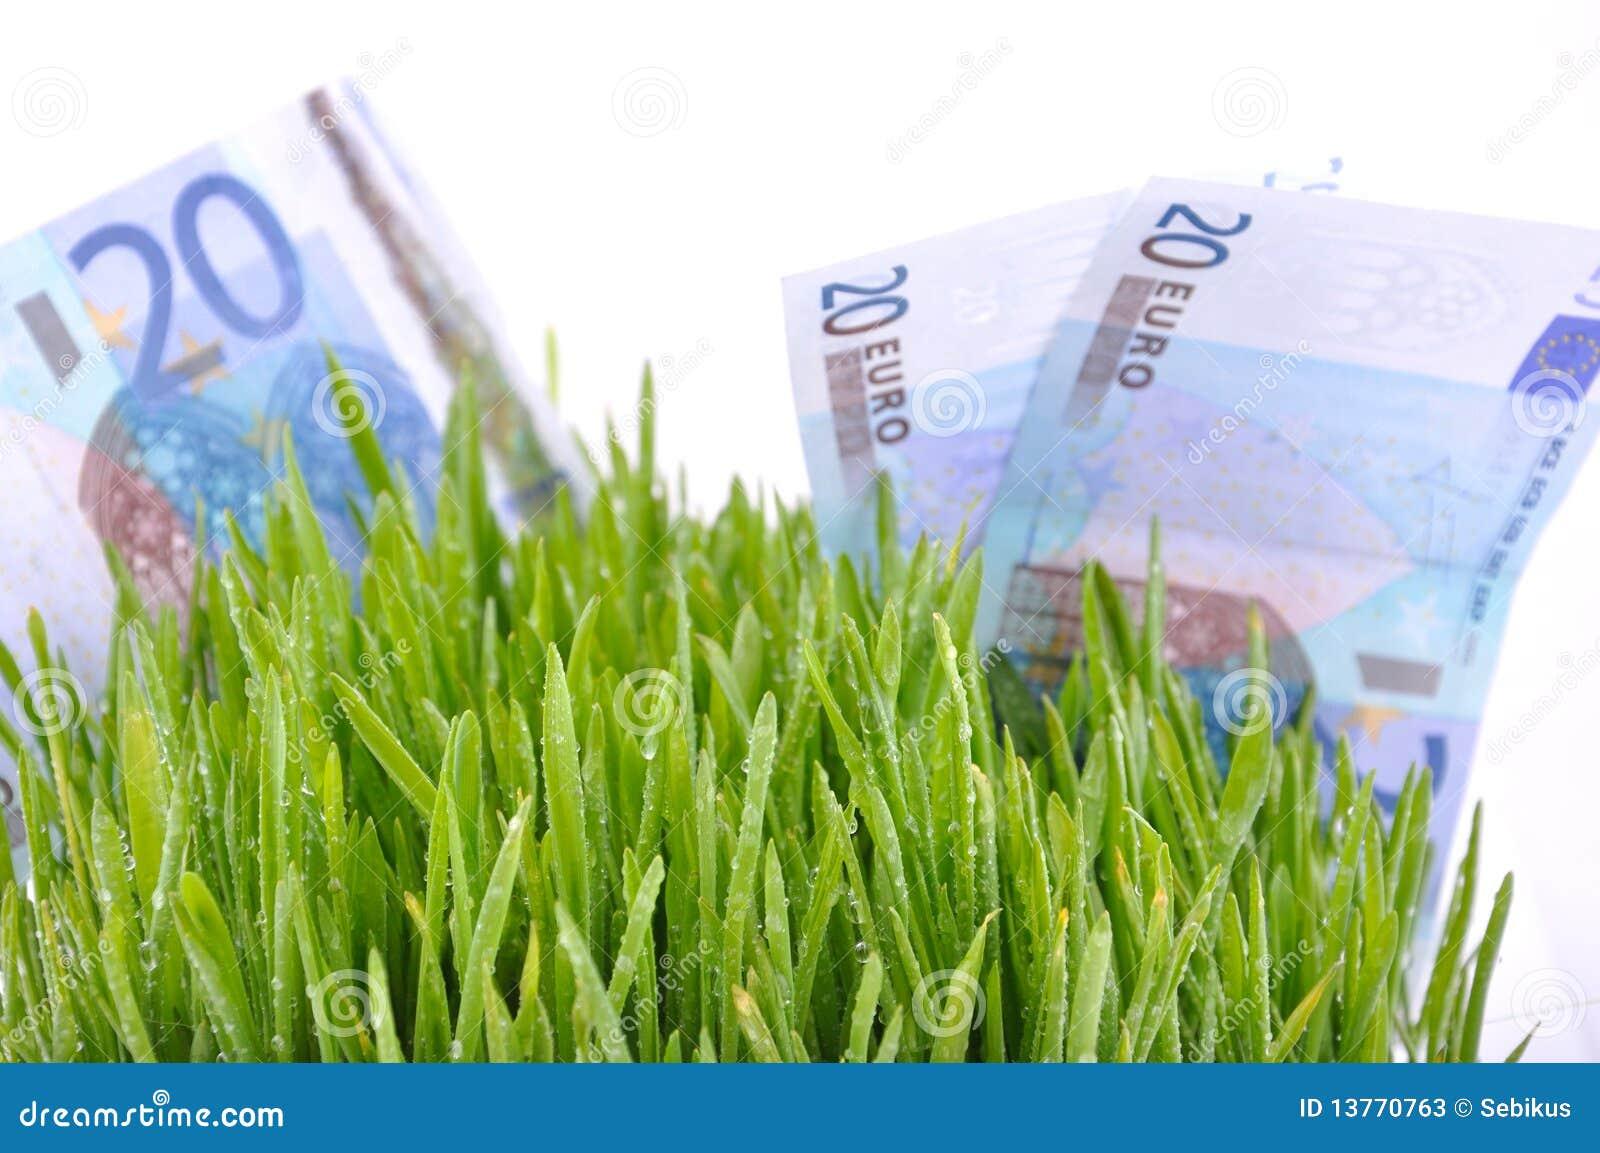 Valorization of money